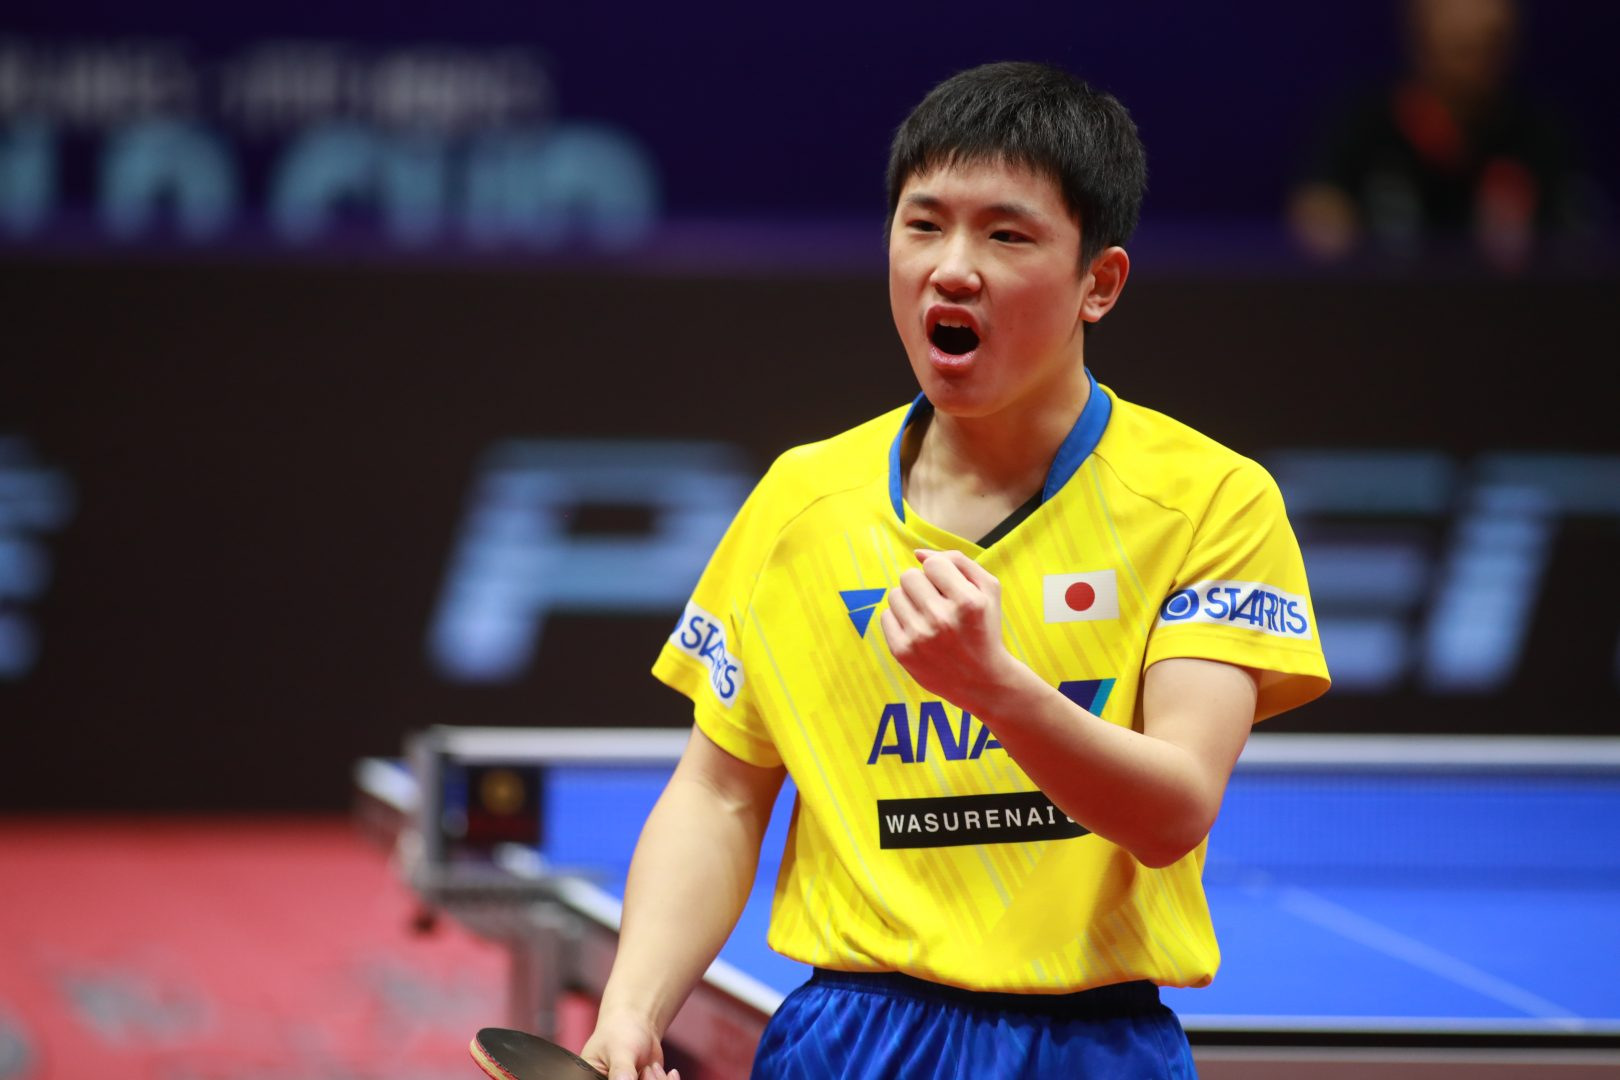 張本智和、世界ランク1位に敗れるも価値ある銀メダル<卓球・男子ワールドカップ>